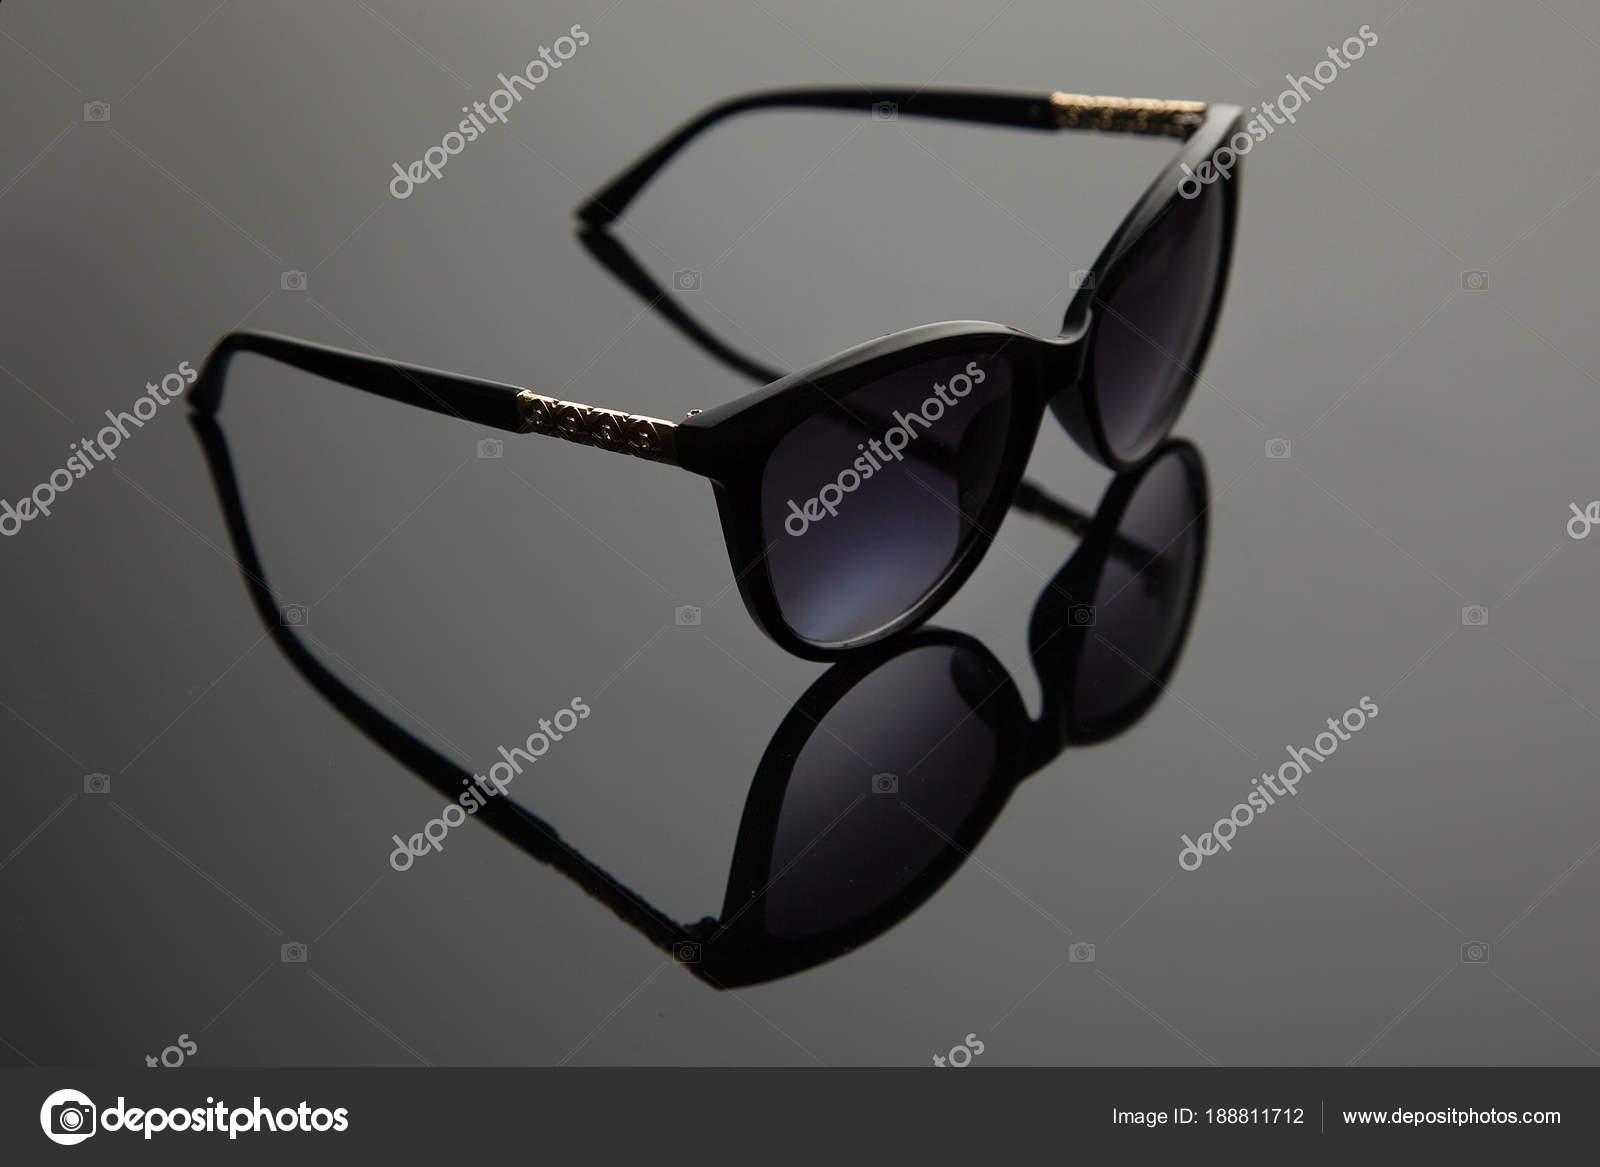 a2baa26337acc3 Mode lunettes de soleil femmes plastique noir, décor or sur la douche, fond  dégradé élégant avec filtre polarisant — Image de Korolkov